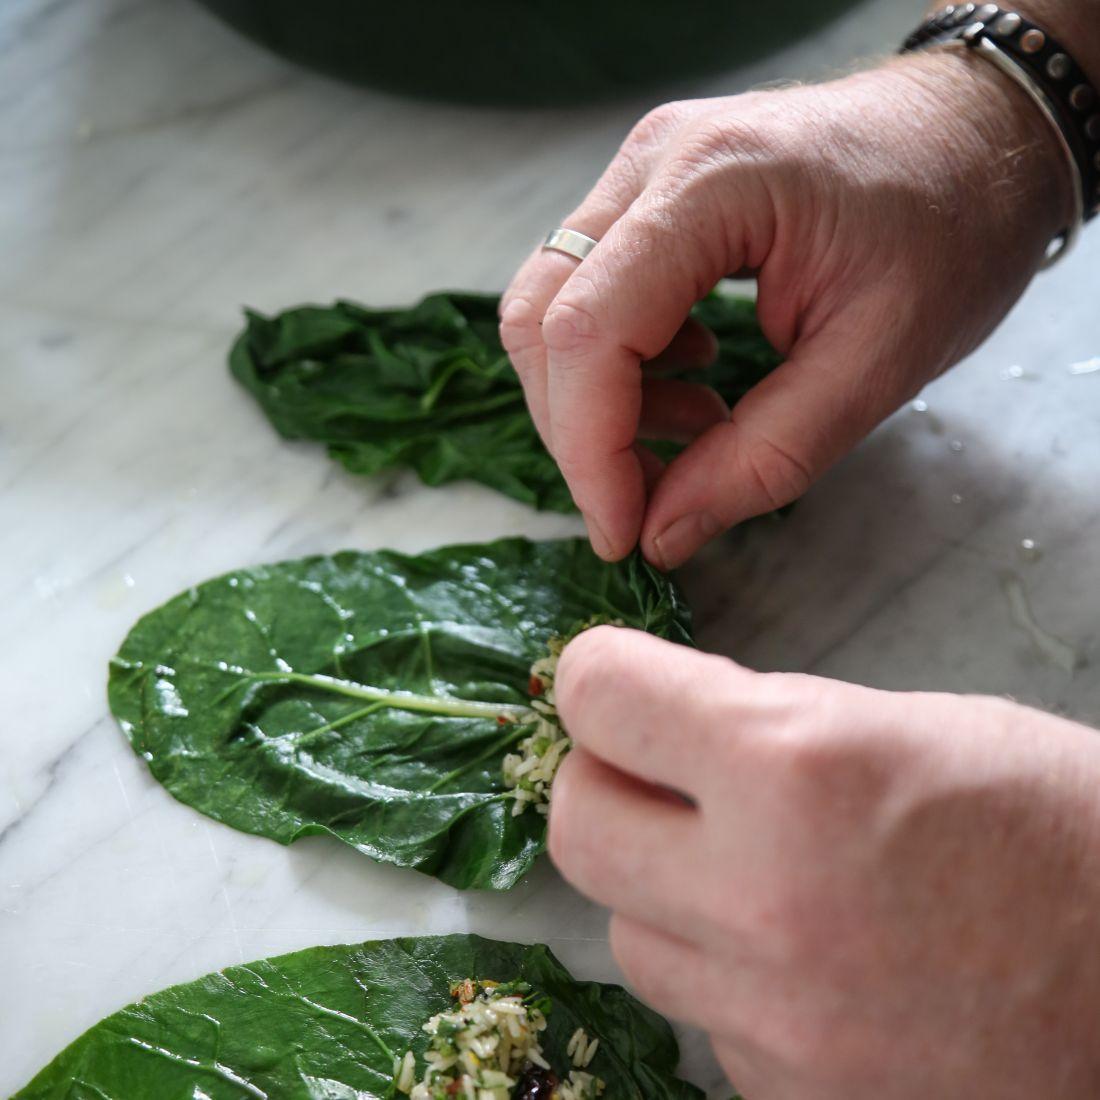 מתכון טבעוני לפסח: עלי מנגולד ממולאים